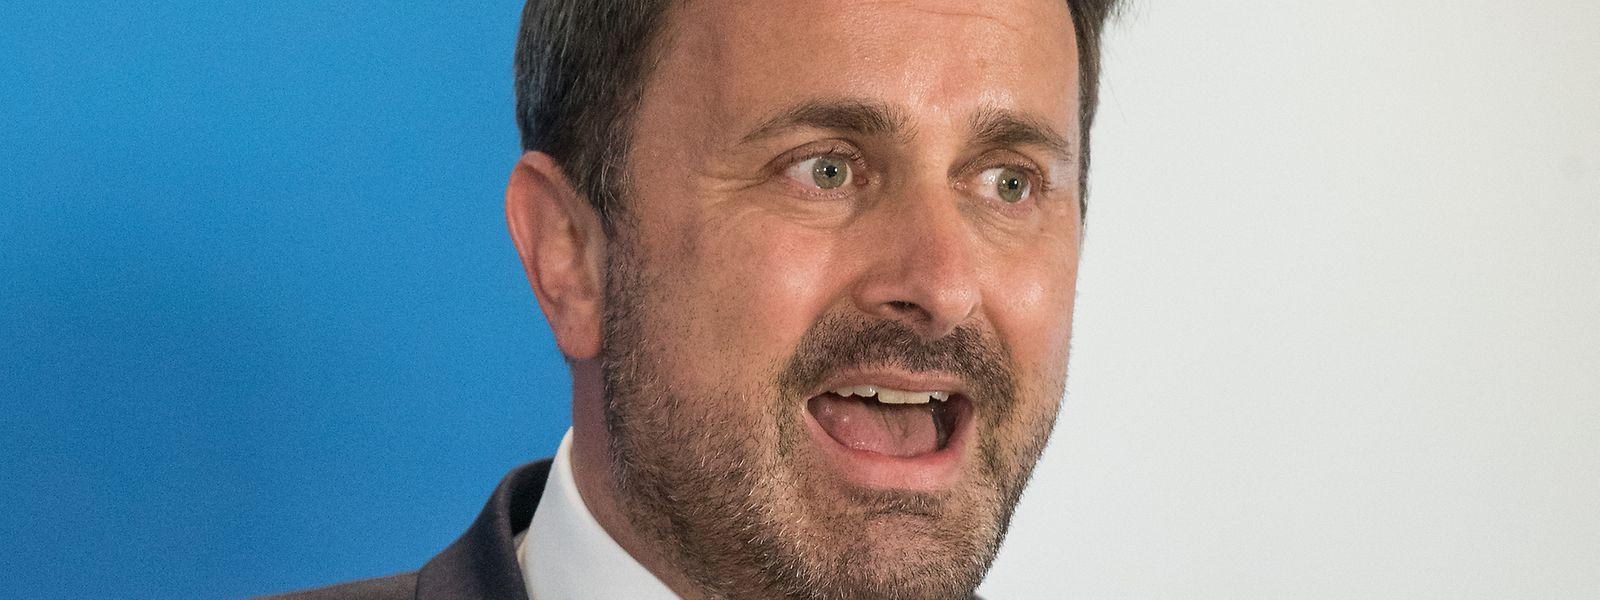 Xavier Bettel se prive de tout commentaire sur la stratégie commerciale du groupe média pour lequel l'Etat luxembourgeois octroie, pourtant, plusieurs millions d'euros chaque année.